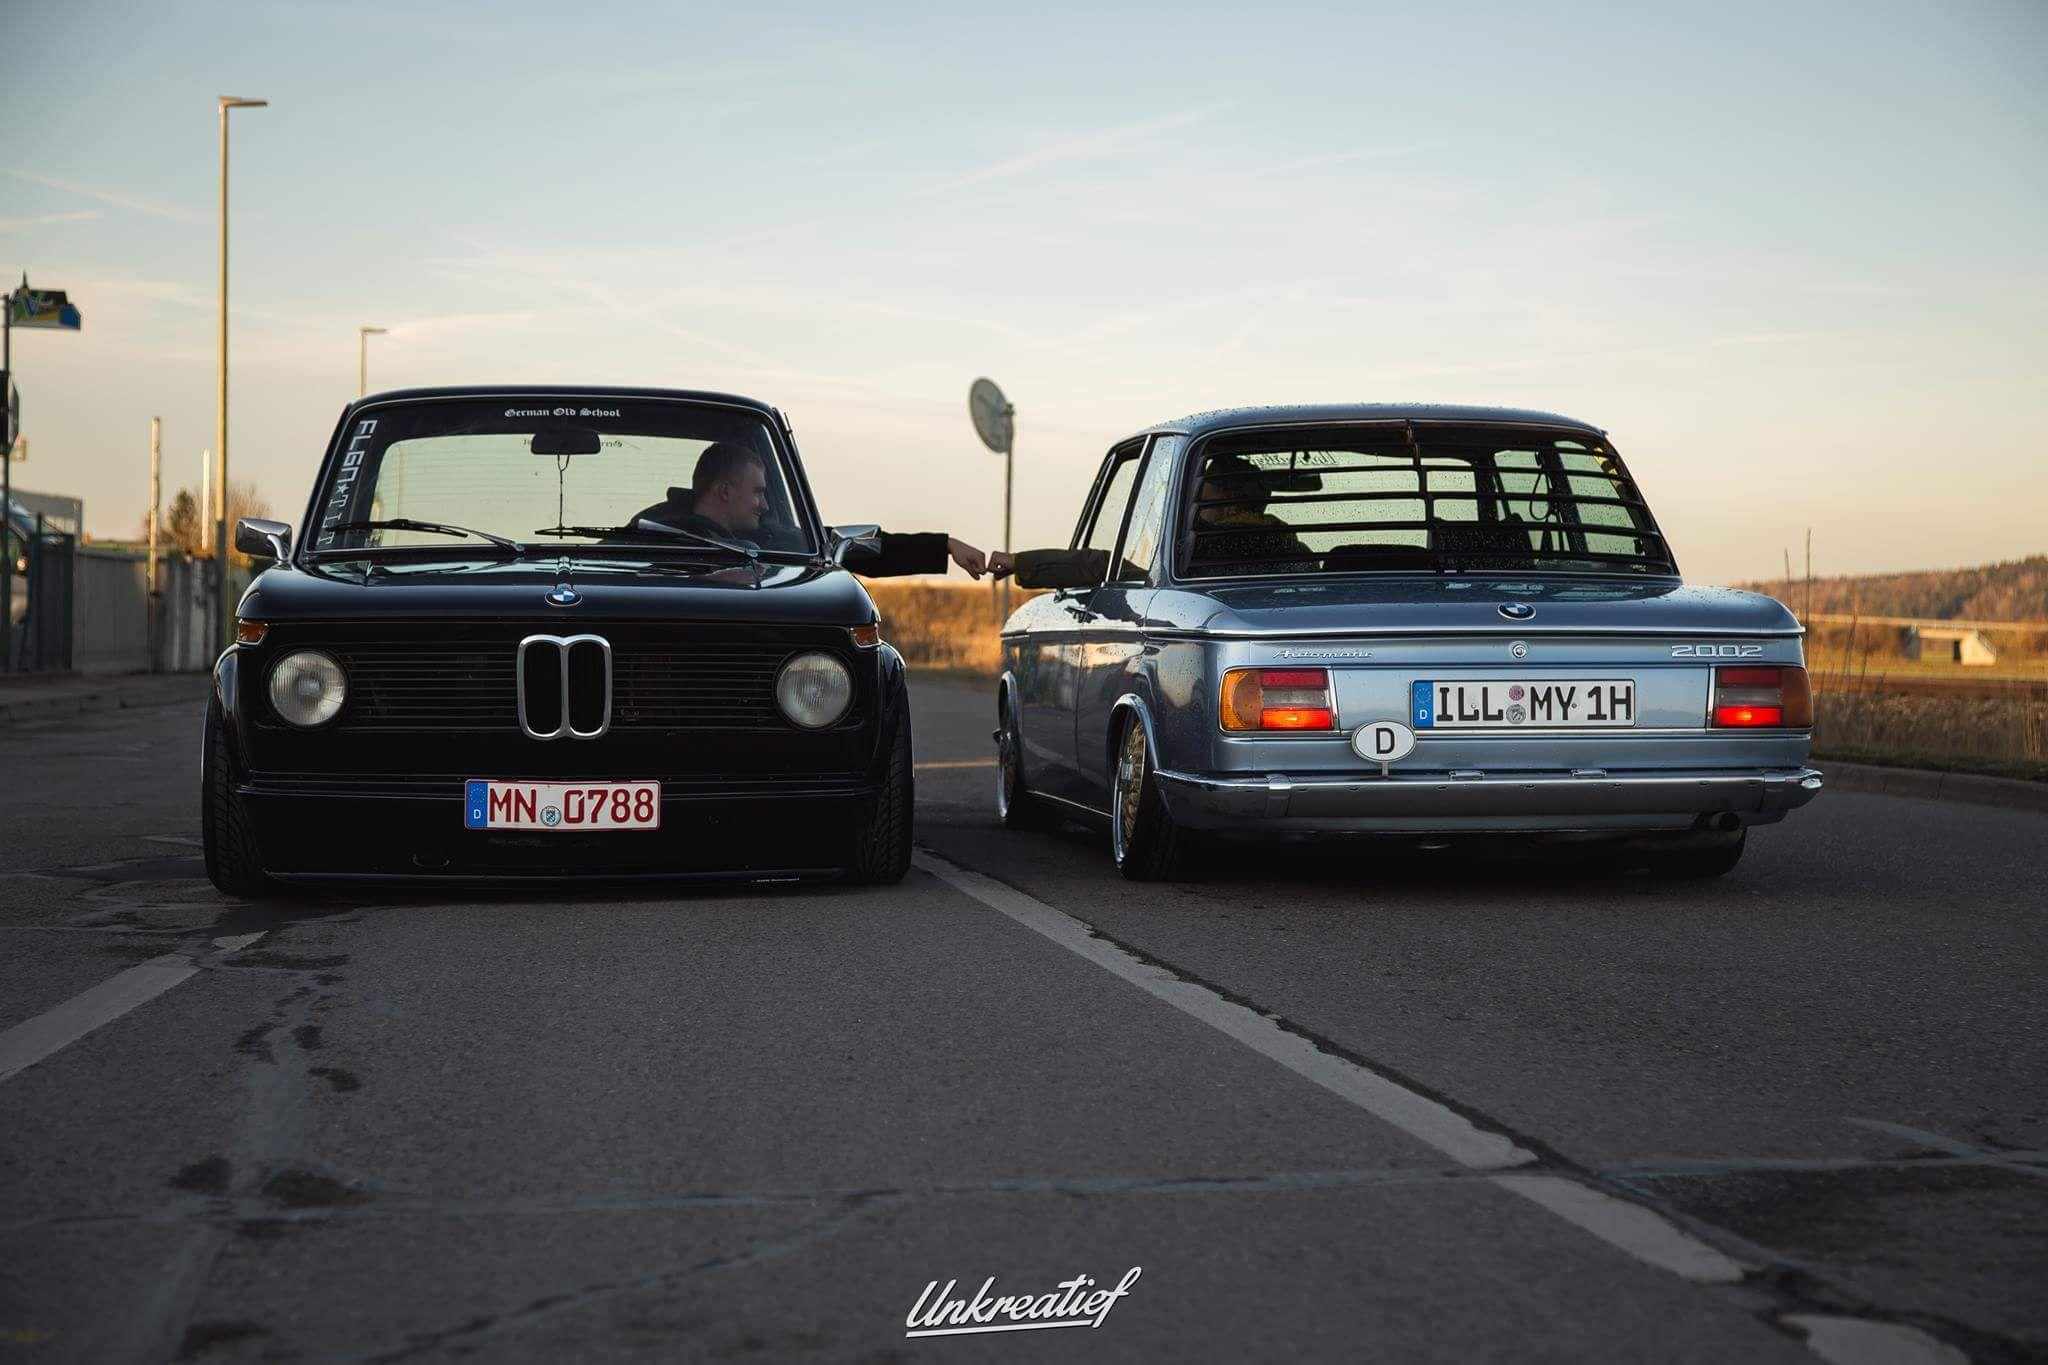 Bmw 2002 stanceworks bmw 02 series pinterest bmw 2002 bmw and cars